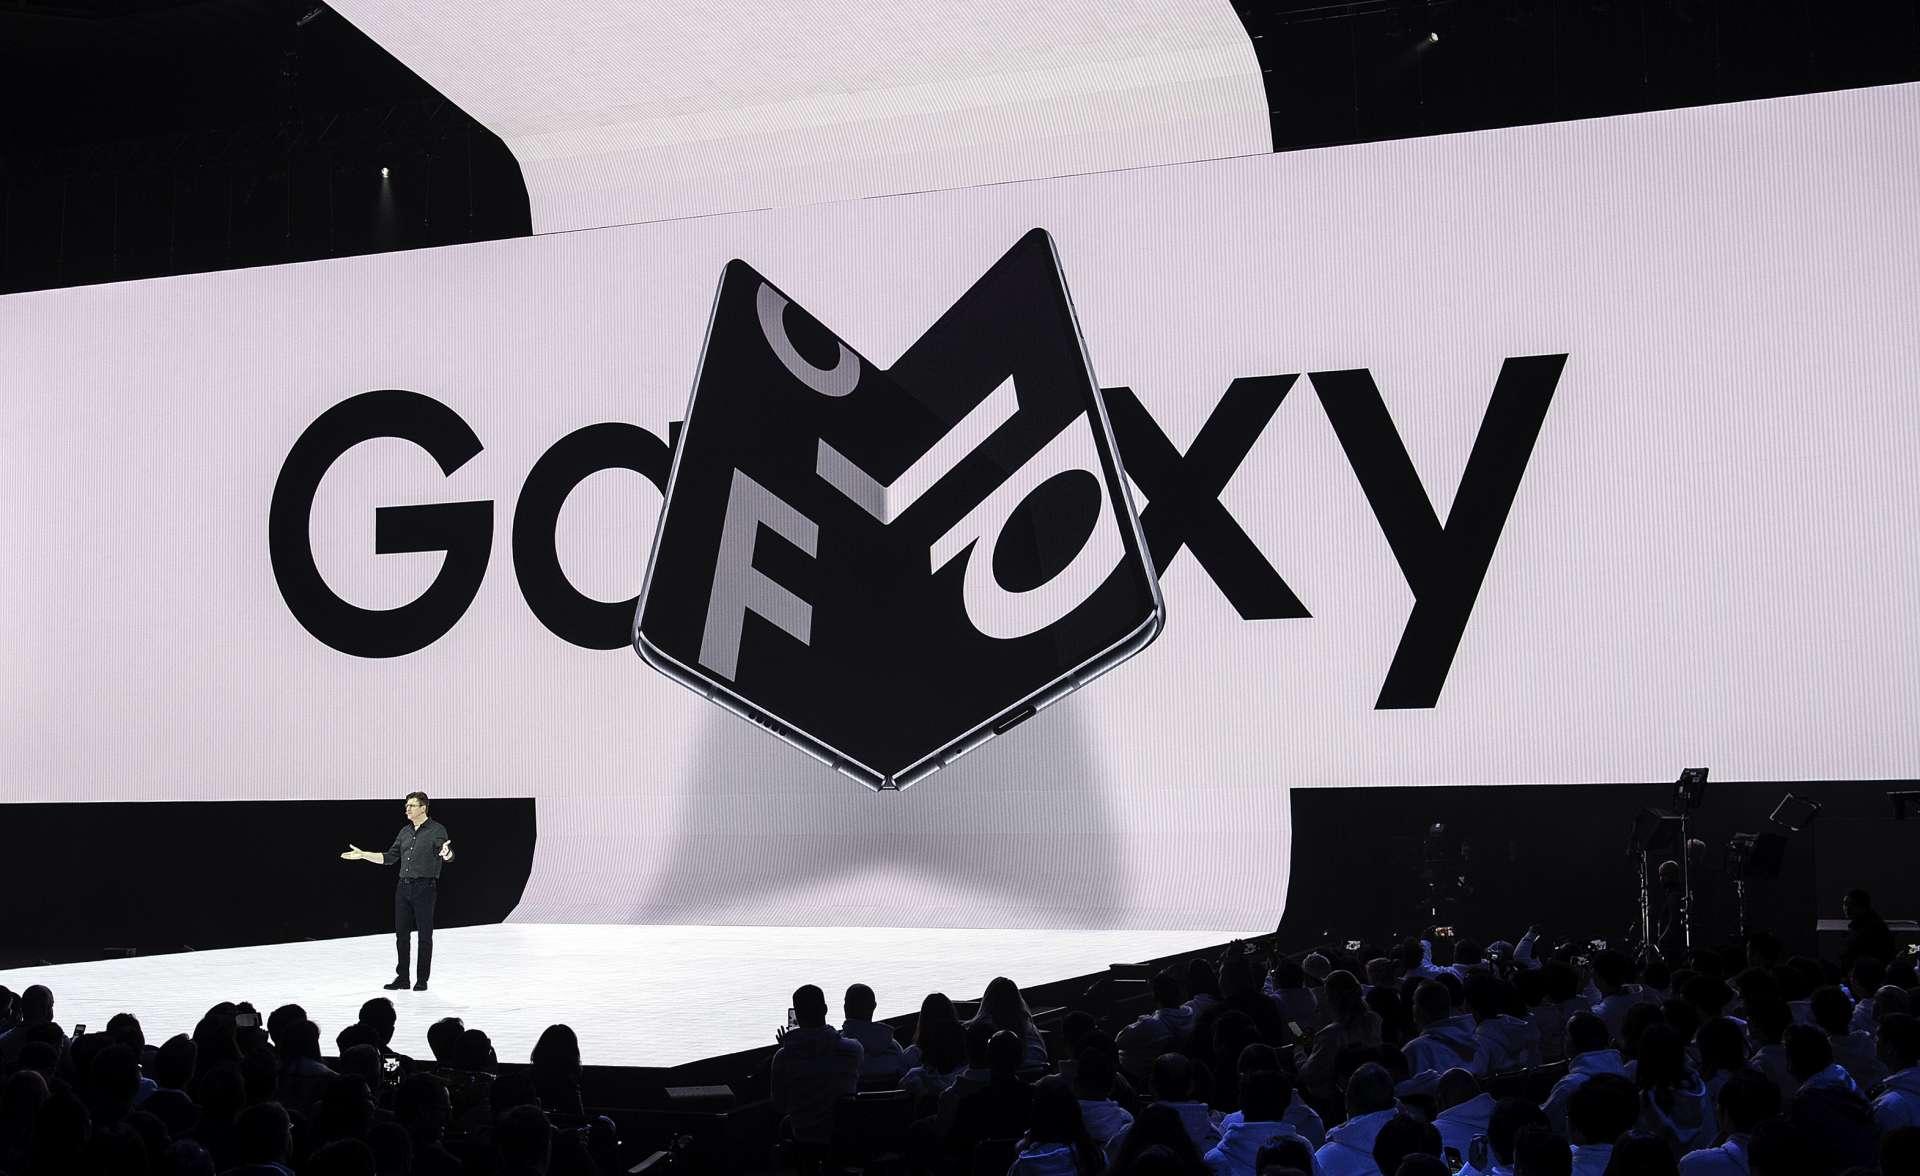 Le Galaxy Fold de Samsung sera commercialisé dès le 6 septembre en Corée du Sud, le 18 septembre en France. © Josh Edelson / AFP